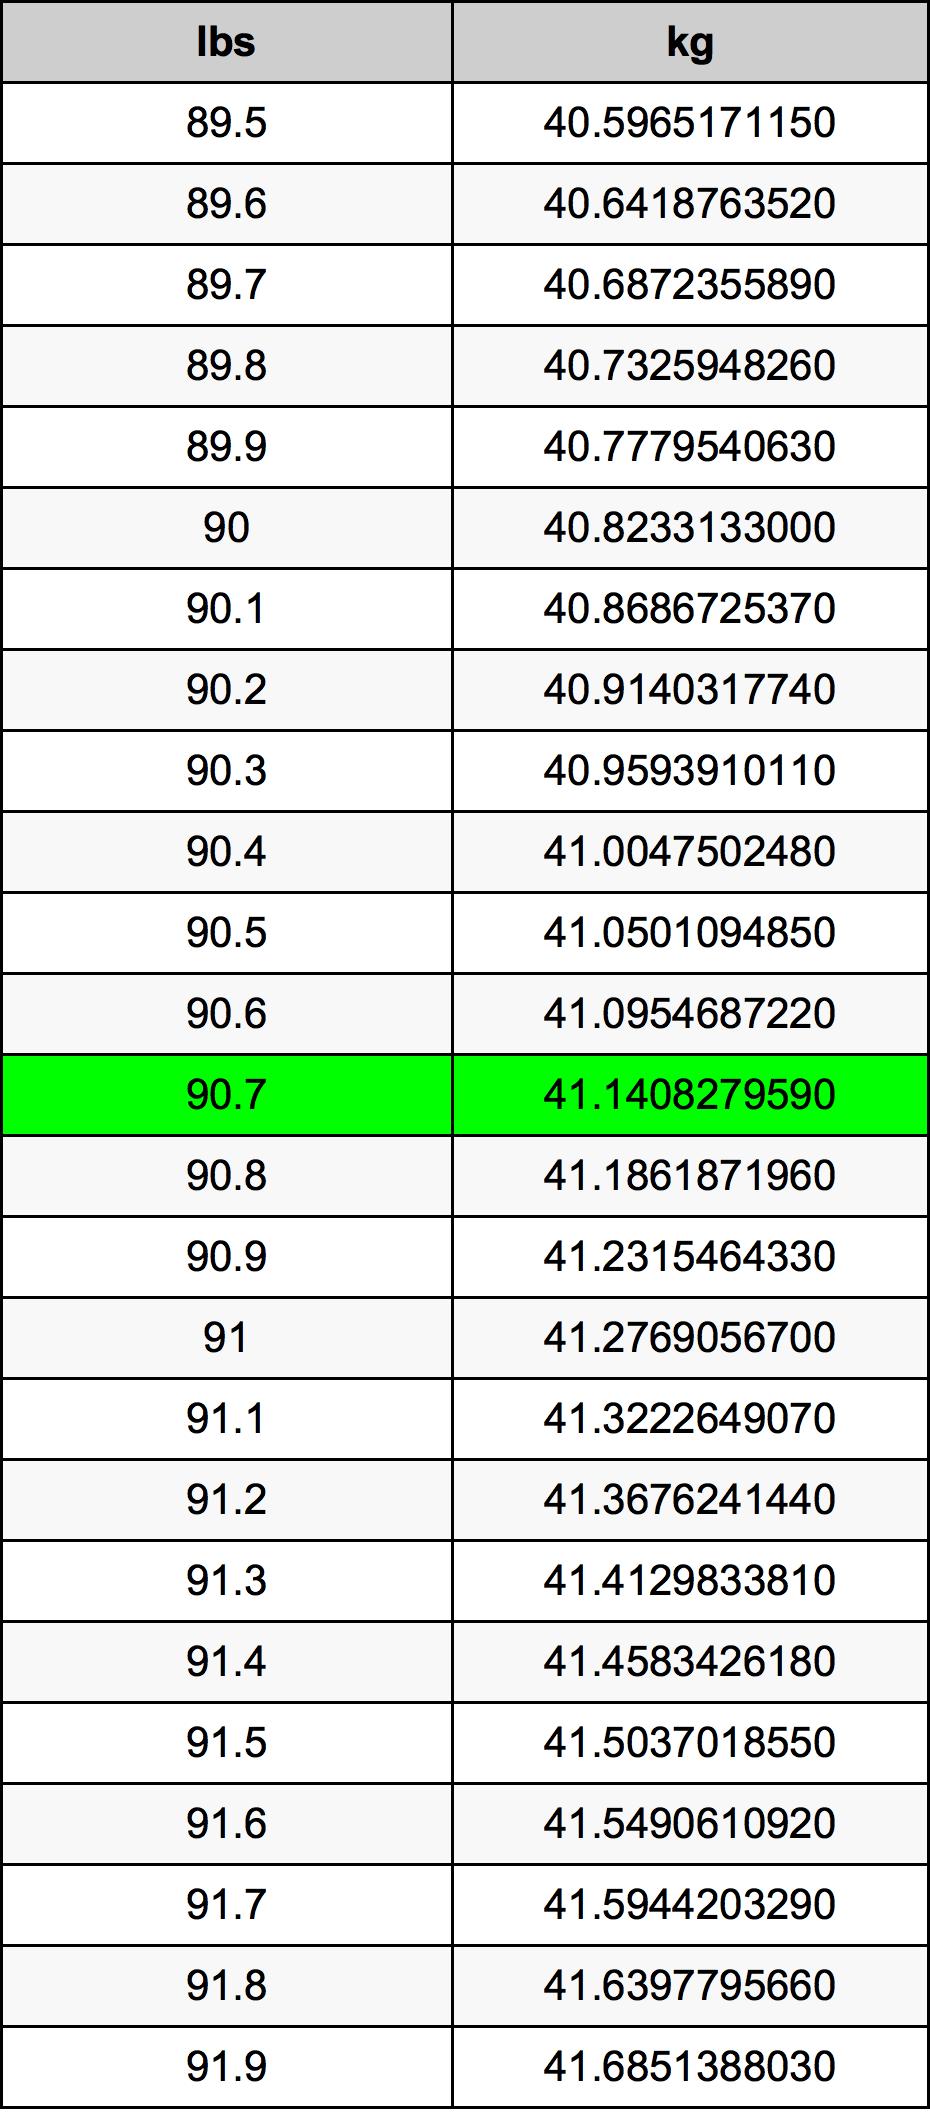 90.7 Svaras konversijos lentelę